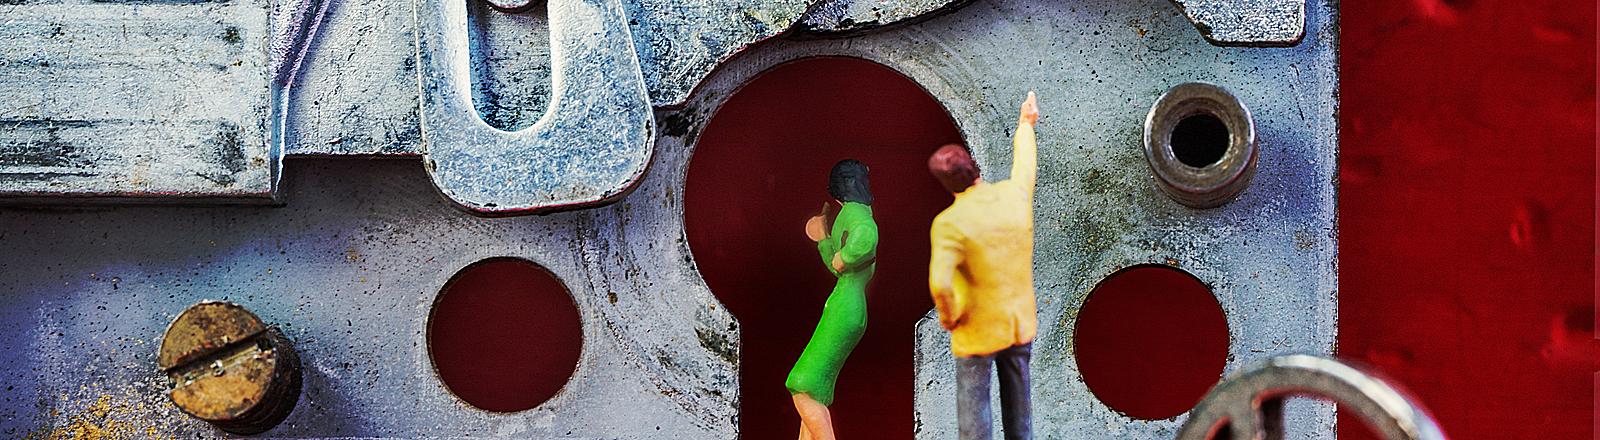 Eine männliche Figur weist einer weiblichen Figur den Weg in einem Schlosskasten